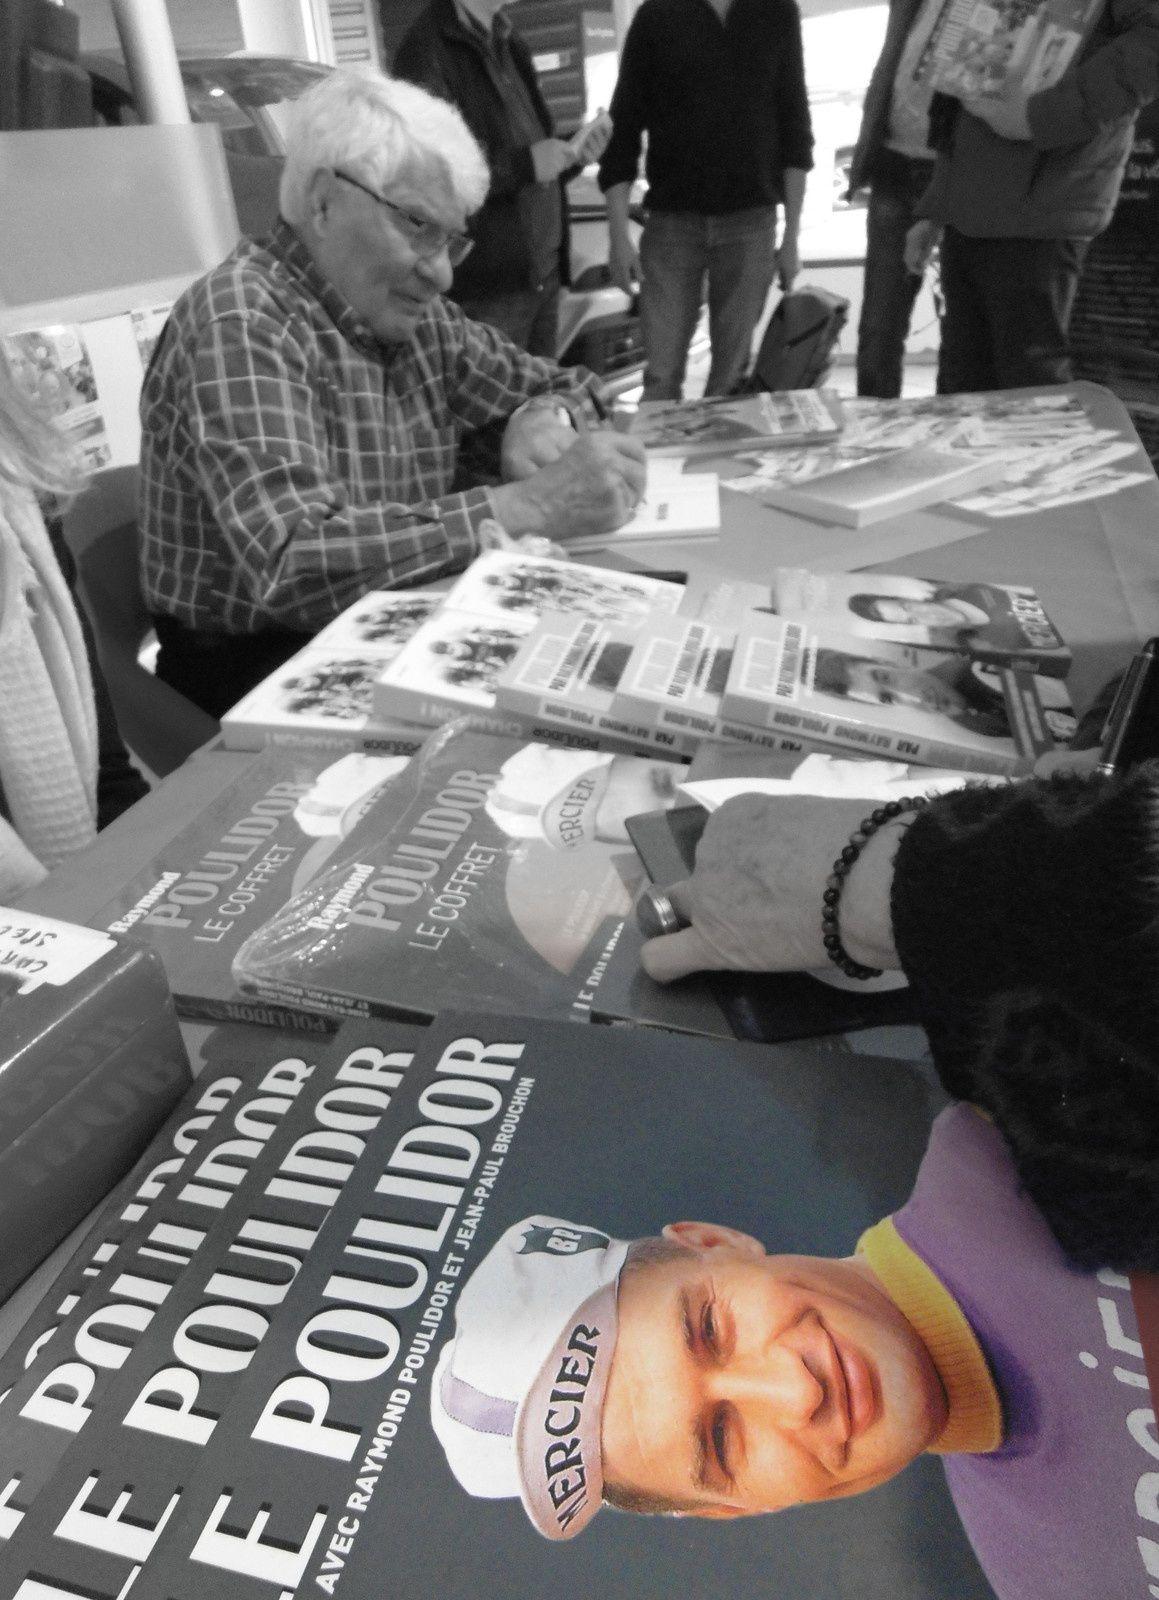 """Charentais pour quelques heures, notre """" éternel second """" né dans la Creuse en 1936, sera présent sur le cours national pour l'arrivée du Bordeaux - Saintes. """" Poupou """" n'a jamais gagné le tour de France, mais il a remporté avec brio quelques épreuves régionales.  A bientôt cher Raymond Poulidor, vous qui aviez si souvent rêvé au maillot jaune;...  On se souviendra de vos différents passages à Saintes.... Du temps d'Anquetil, de Darrigade...."""